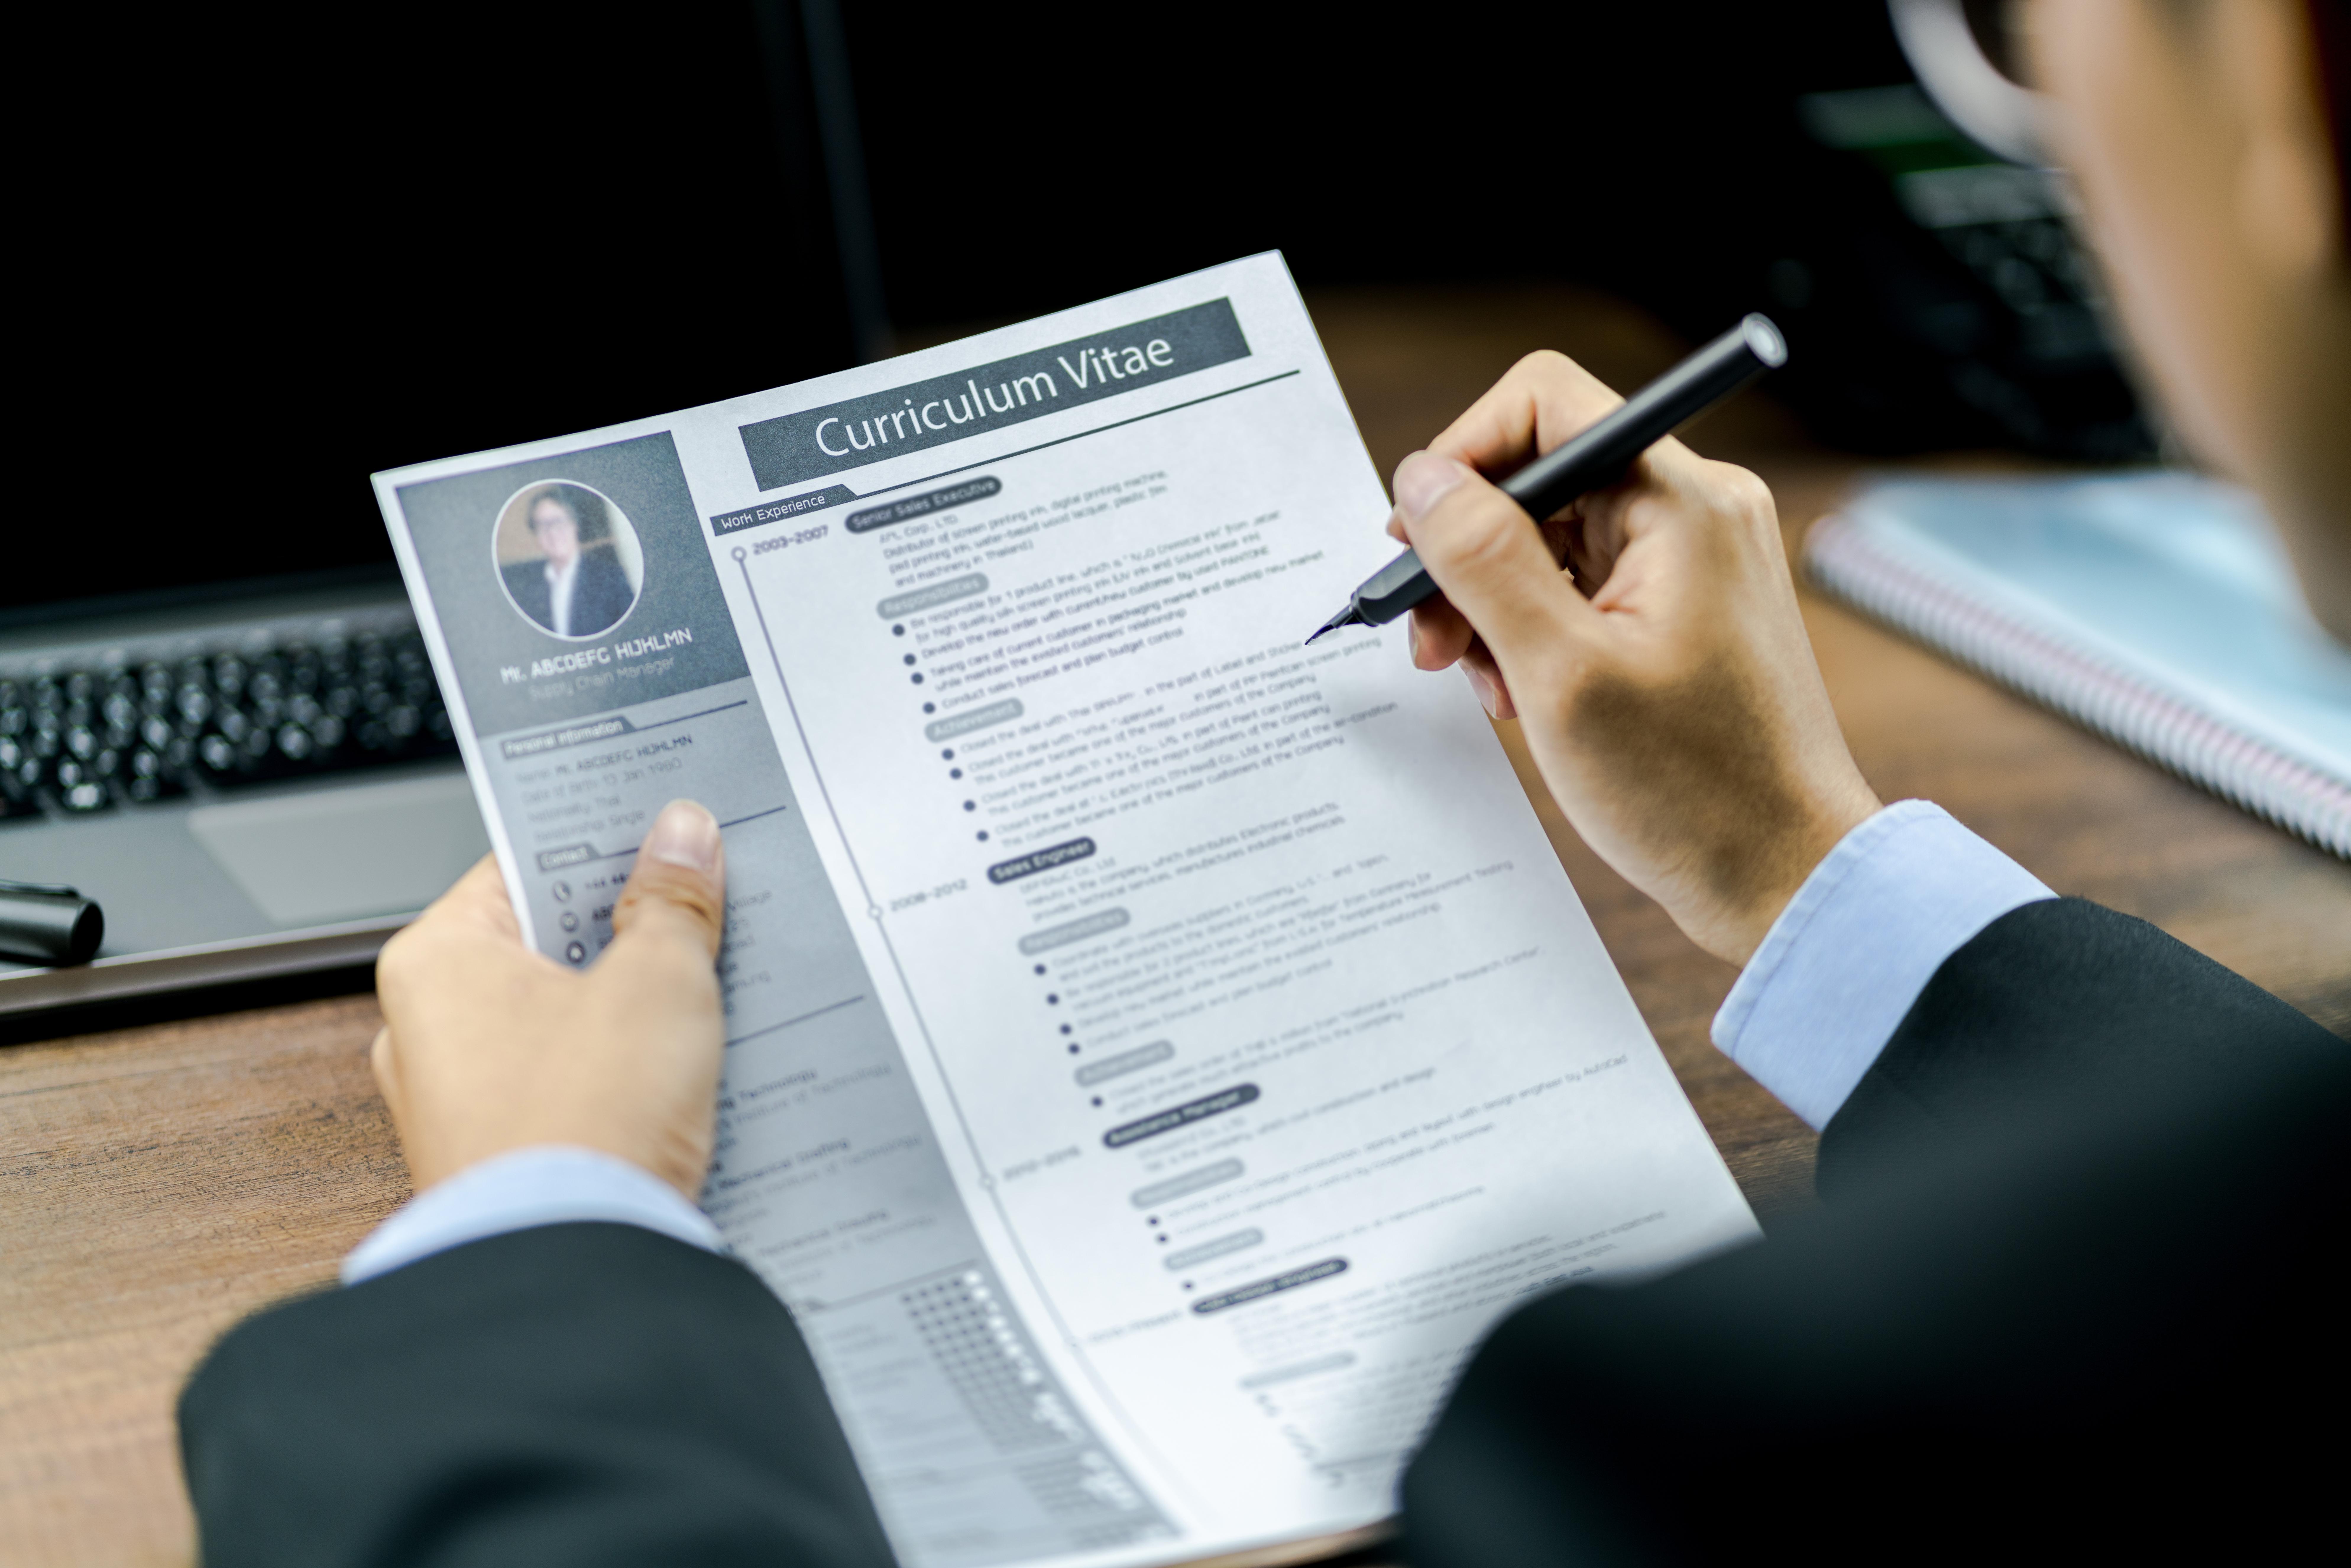 Sprawdź czy Twoje CV jest poprawne!